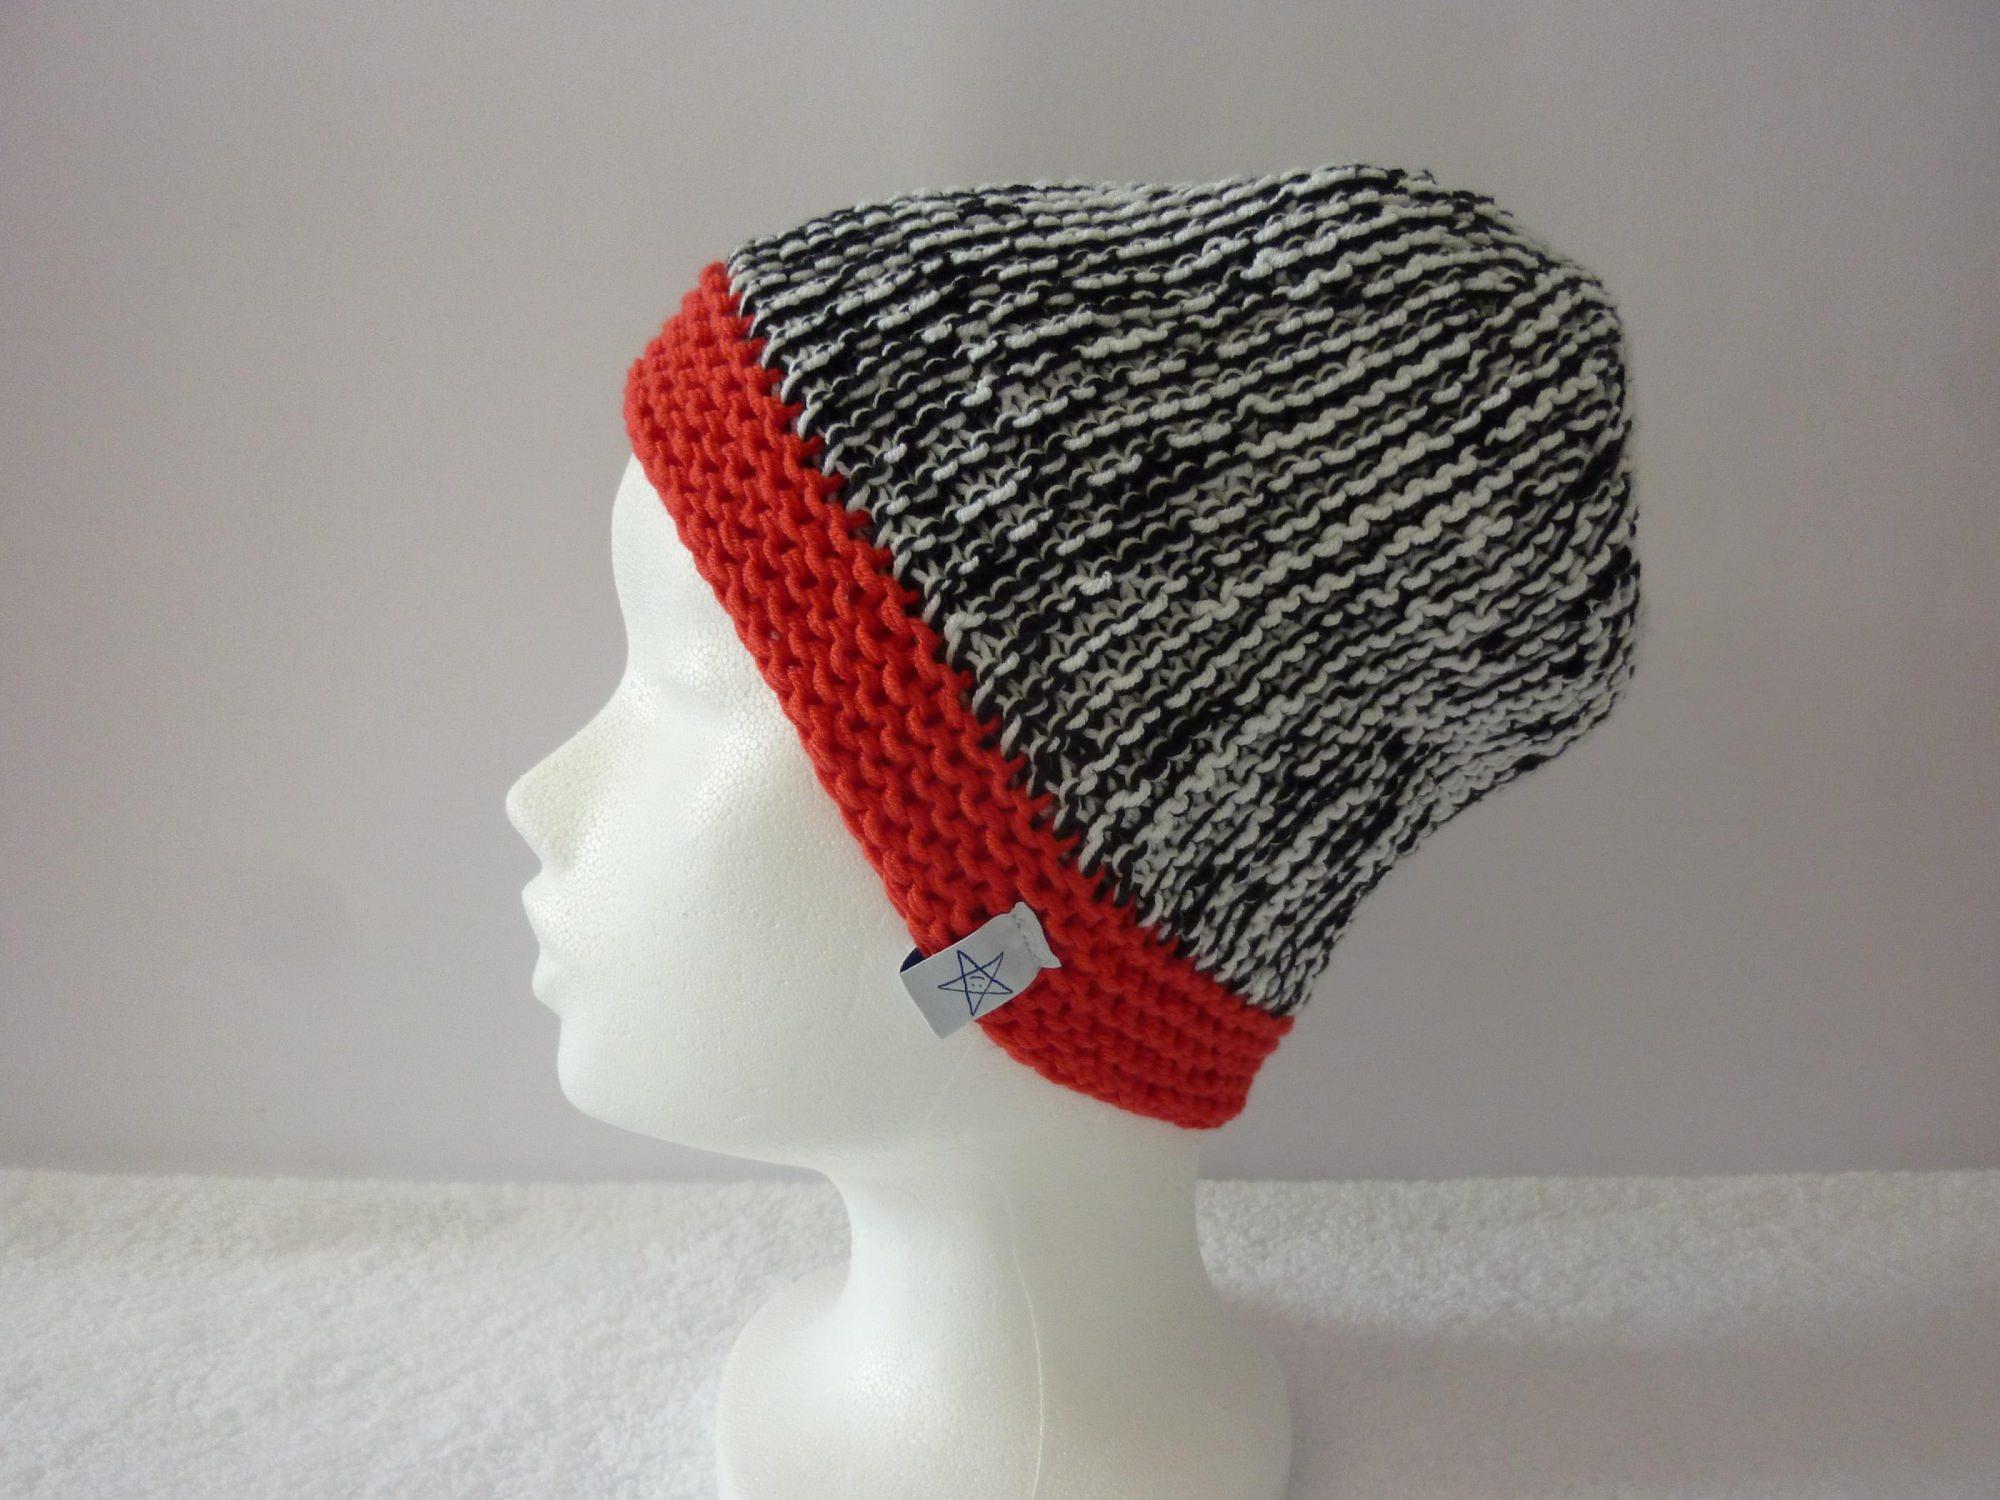 - Strickmütze Schwarz Weiß Rot aus Baumwolle handgestrickt - Strickmütze Schwarz Weiß Rot aus Baumwolle handgestrickt